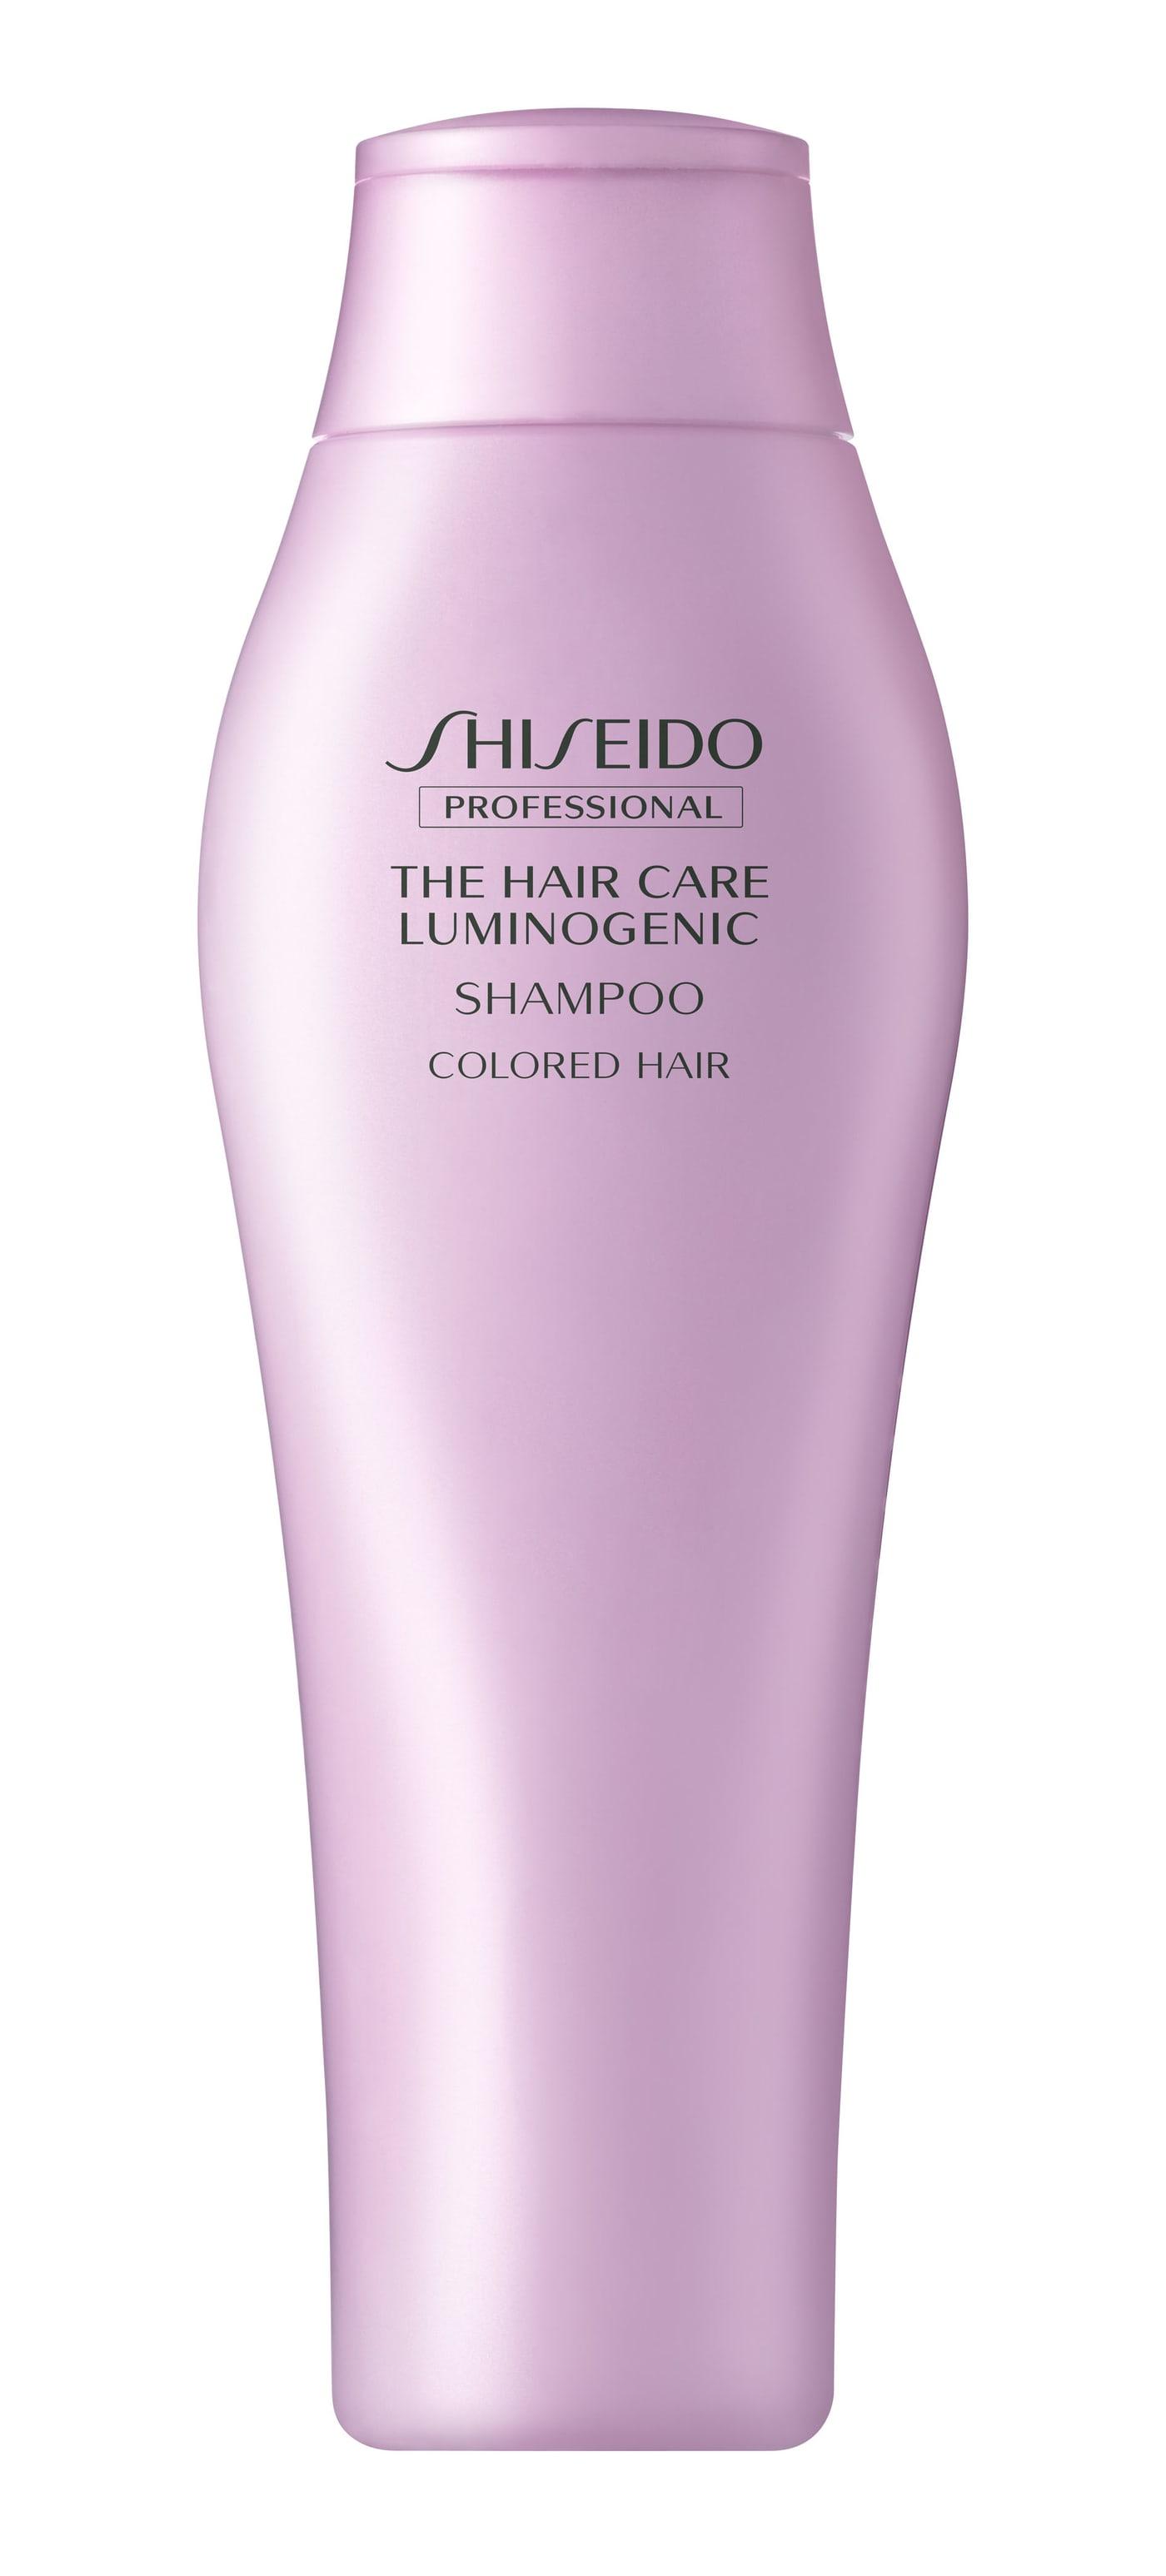 Shiseido Luminogenic Shampoo